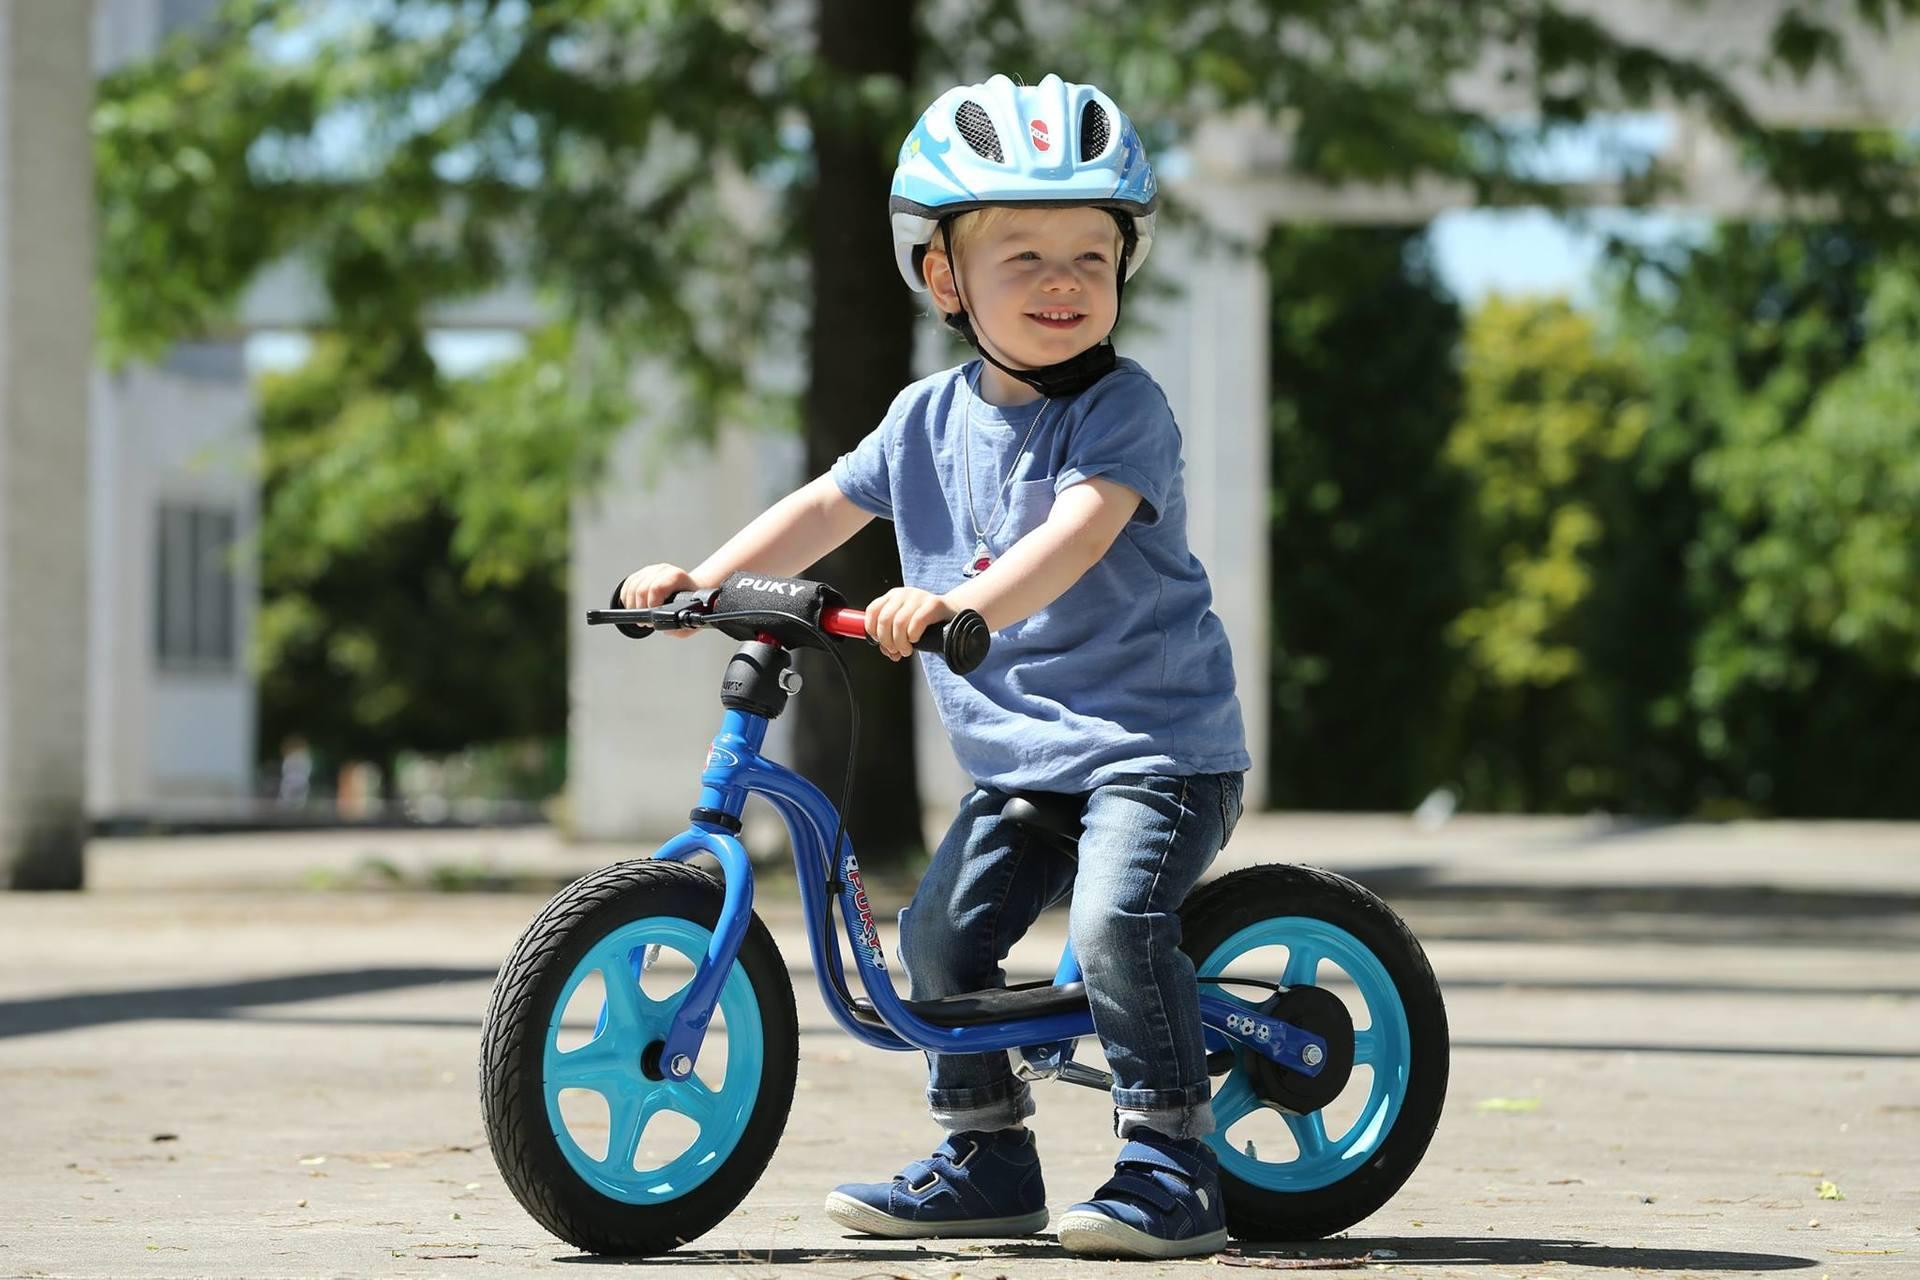 Rowerek biegowy - idealny wstęp do pięknej rowerowej pasji